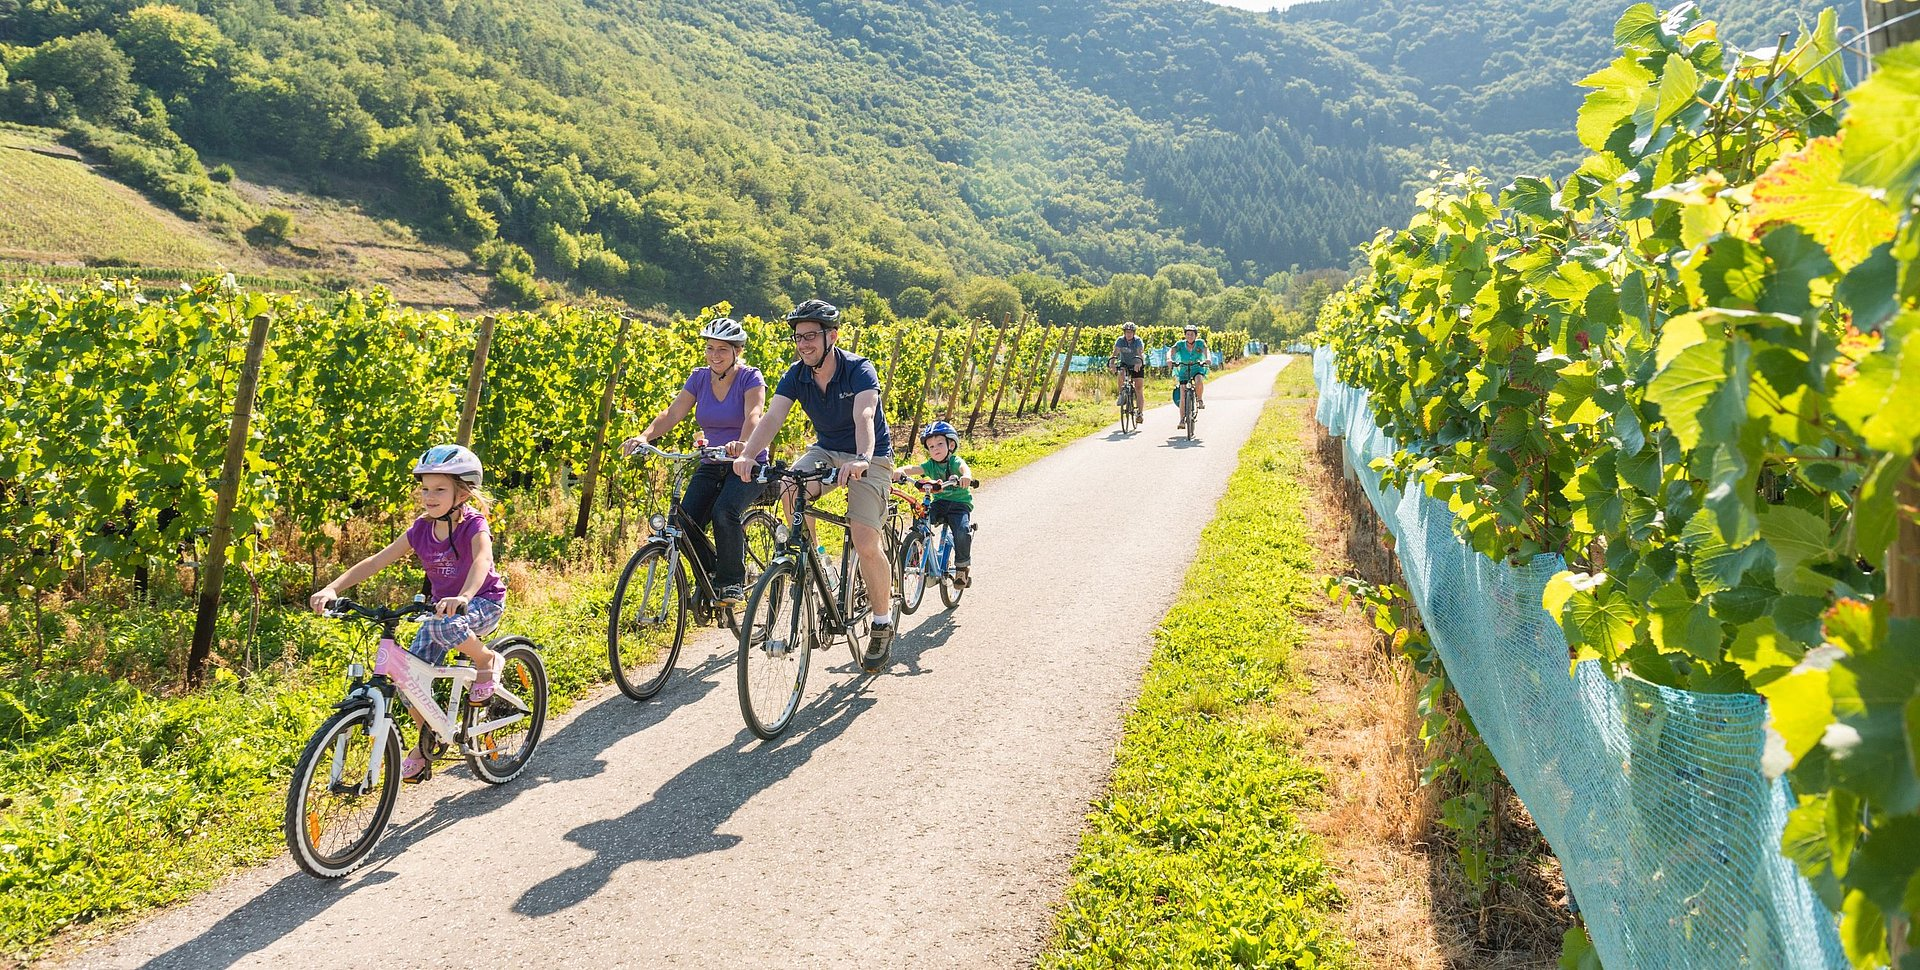 Familientour auf dem Ahr-Radweg bei Mayschoss, Ahrtal